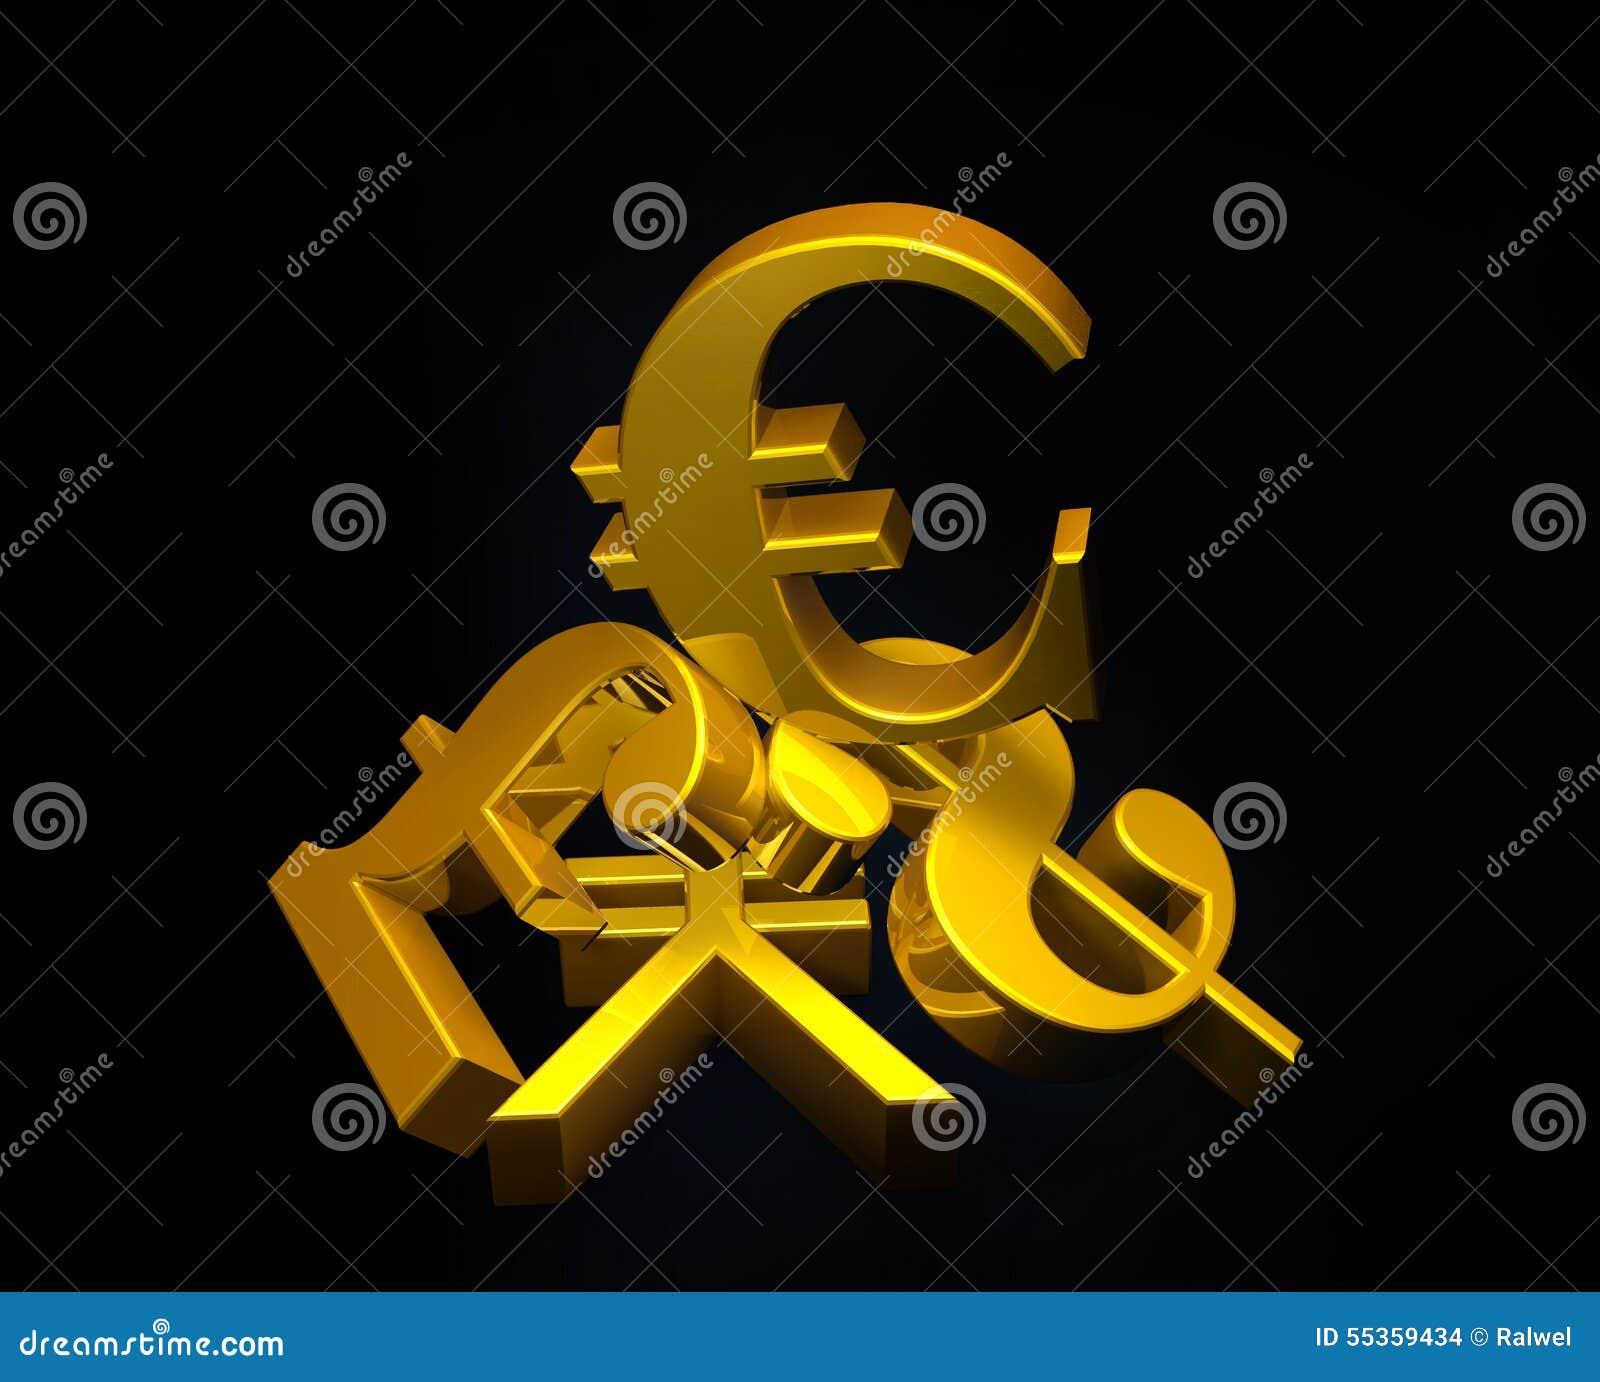 Euro simbolo di valuta dorata che aumenta sopra un mucchio della sterlina, dollaro americano, Yen